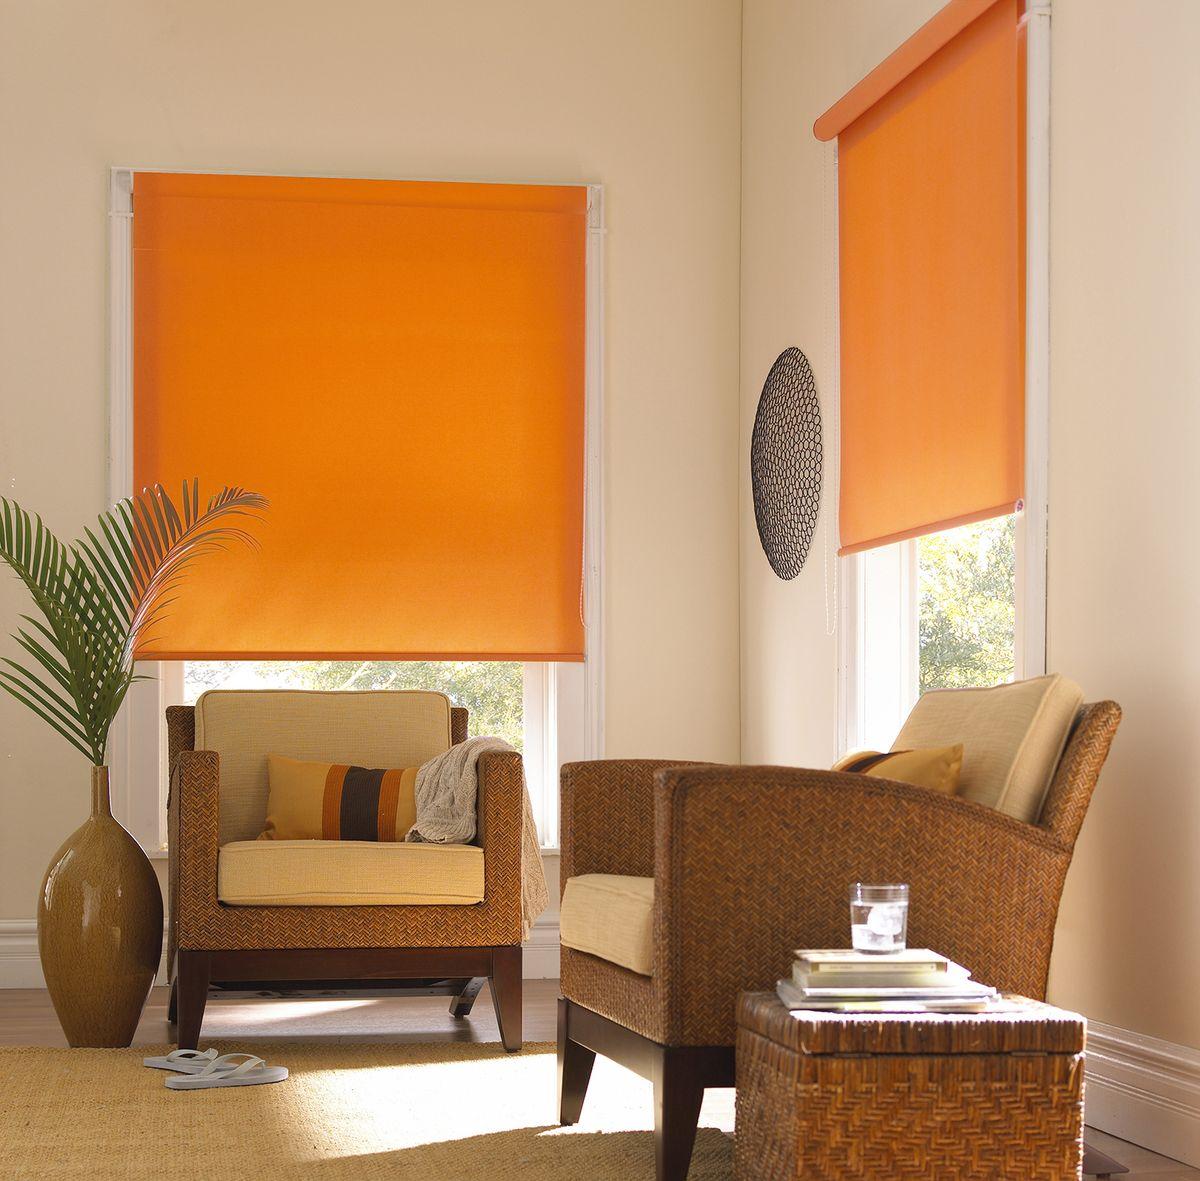 Штора рулонная Эскар Миниролло. Однотонные, цвет: апельсин, ширина 90 см, высота 170 см62.РШТО.8922.050х160Рулонная штора Эскар Миниролло выполнена из высокопрочной ткани,которая сохраняет свой размер даже при намокании. Ткань не выцветает иобладает отличной цветоустойчивостью.Миниролло - это подвид рулонных штор, который закрывает не весь оконныйпроем, а непосредственно само стекло. Такие шторы крепятся на раму безсверления при помощи зажимов или клейкой двухсторонней ленты (в комплекте).Окно остаетсяна гарантии, благодаря монтажу без сверления.Такая штора станет прекрасным элементом декора окна и гармонично впишется винтерьер любого помещения.